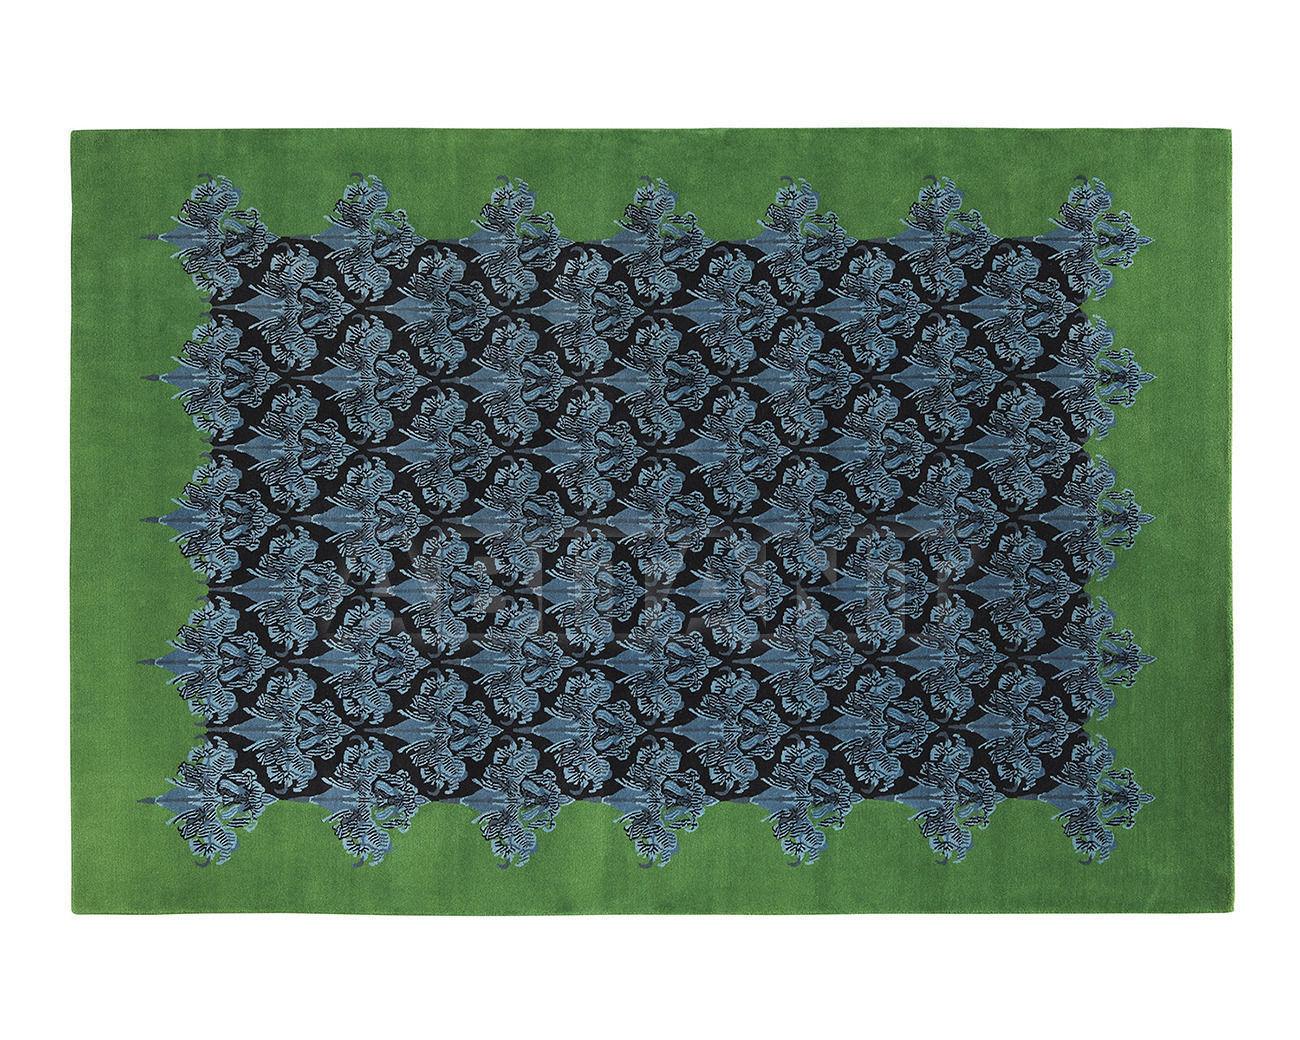 rug 3 jonathan saunders Jonathan Saunders rug collection rug 3